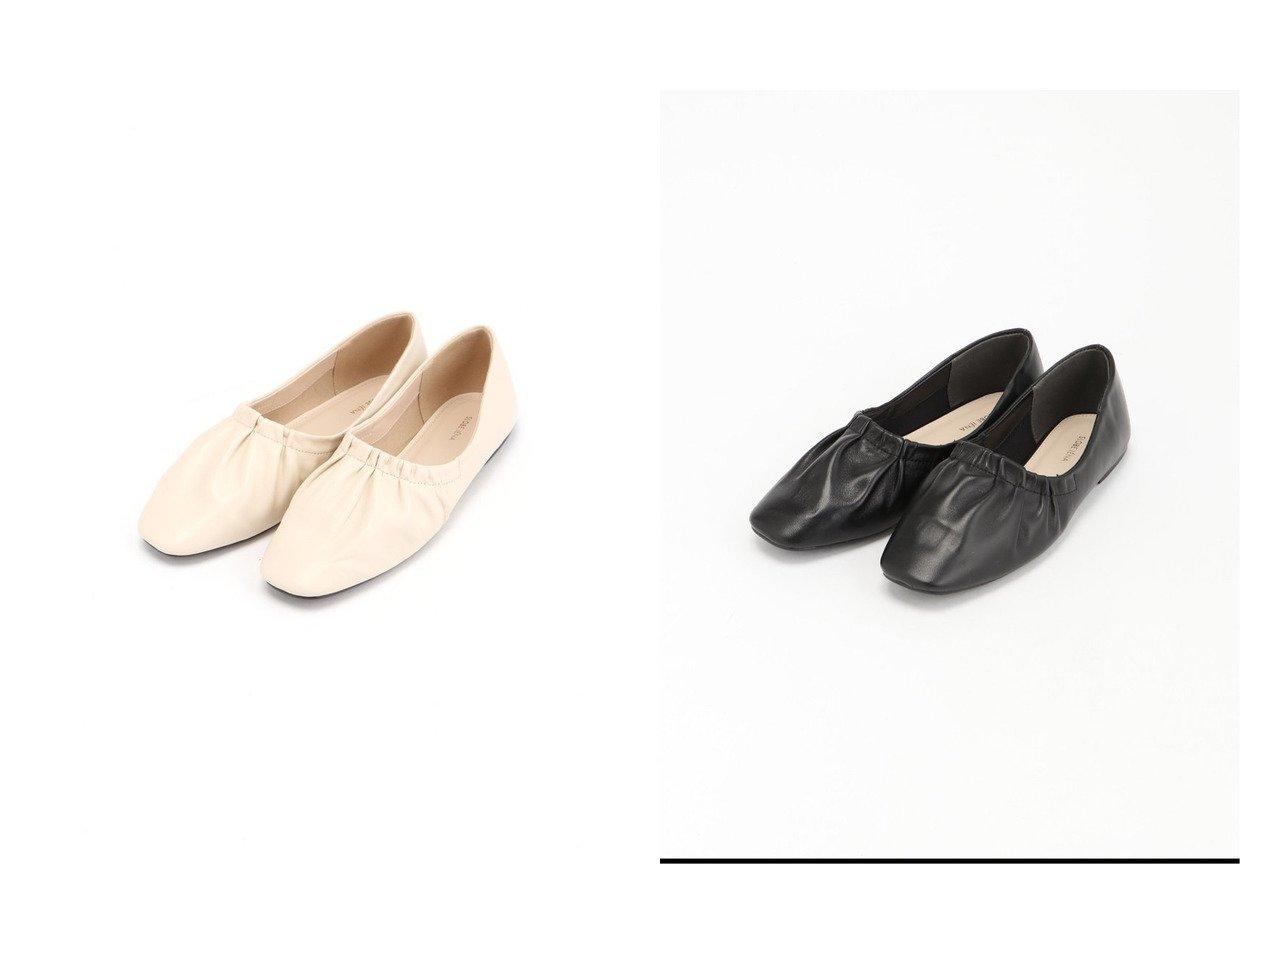 【SLOBE IENA/スローブ イエナ】のSLOBE IENA フラットギャザースリッポン 【シューズ・靴】おすすめ!人気、トレンド・レディースファッションの通販 おすすめで人気の流行・トレンド、ファッションの通販商品 メンズファッション・キッズファッション・インテリア・家具・レディースファッション・服の通販 founy(ファニー) https://founy.com/ ファッション Fashion レディースファッション WOMEN 2021年 2021 2021春夏・S/S SS/Spring/Summer/2021 S/S・春夏 SS・Spring/Summer ギャザー シューズ シンプル スニーカー スリッポン トレンド フェミニン 楽ちん |ID:crp329100000028479